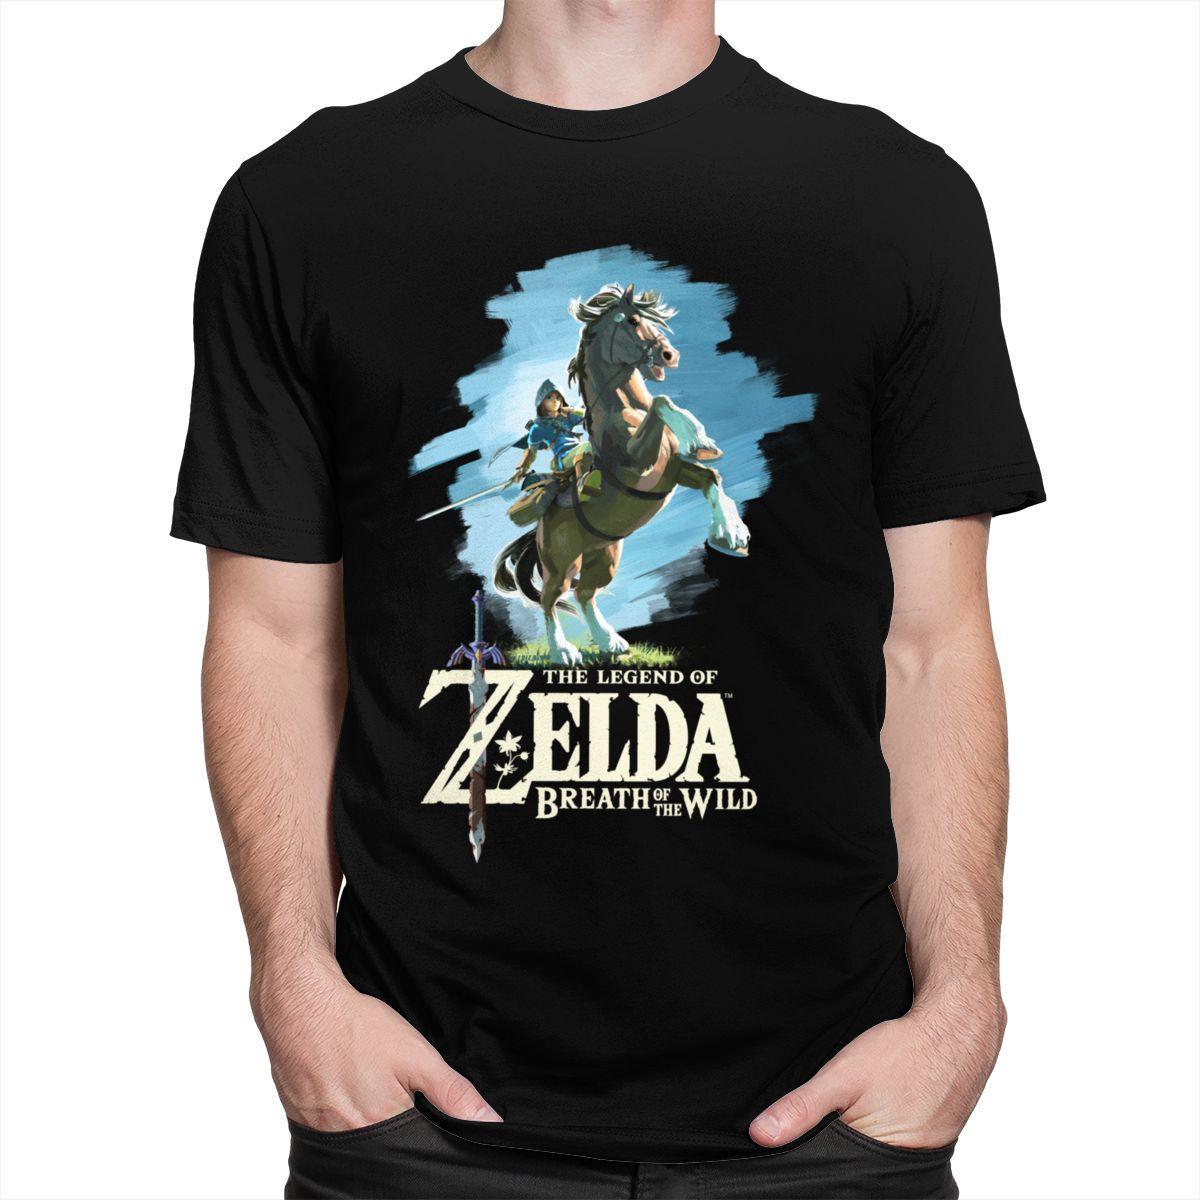 Sport Fashion Legend of Zelda maglietta degli uomini di cotone degli anni '80 Elegante Videogiochi maglietta maniche corte di collegamento del selvaggio Tee Tops Abbigliamento regalo